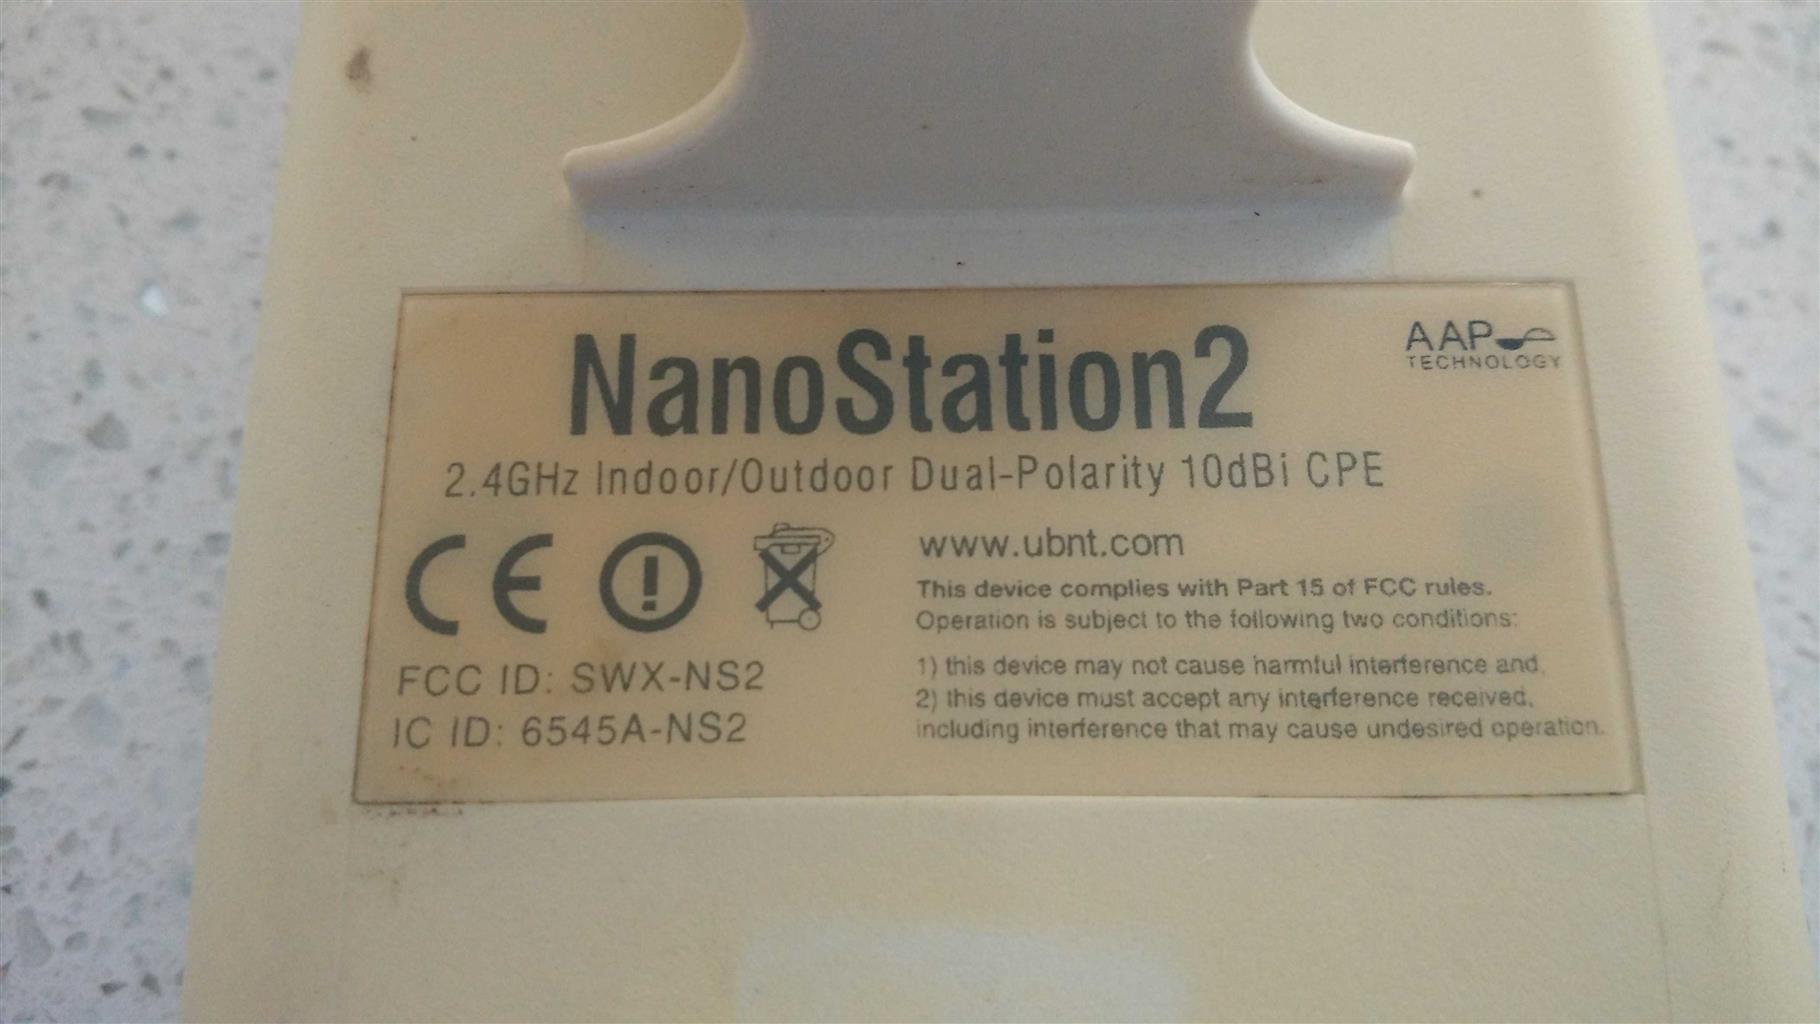 Nanostation 2